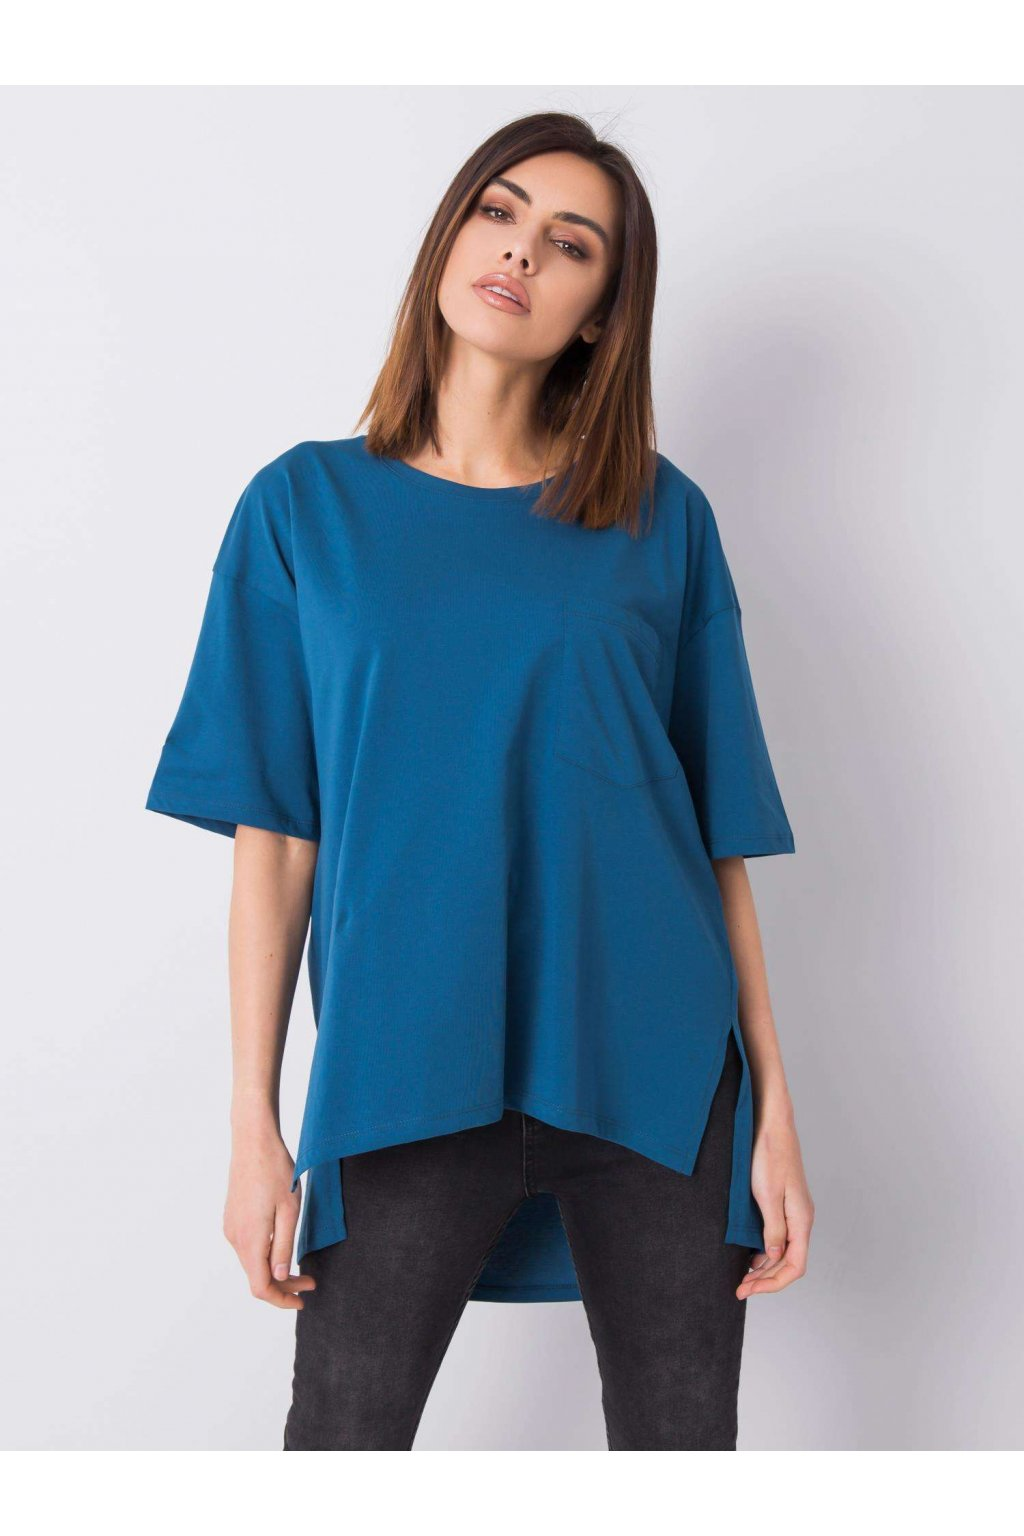 Dámske tričko jednofarebné kód TK-RP-TS-T050503.58P